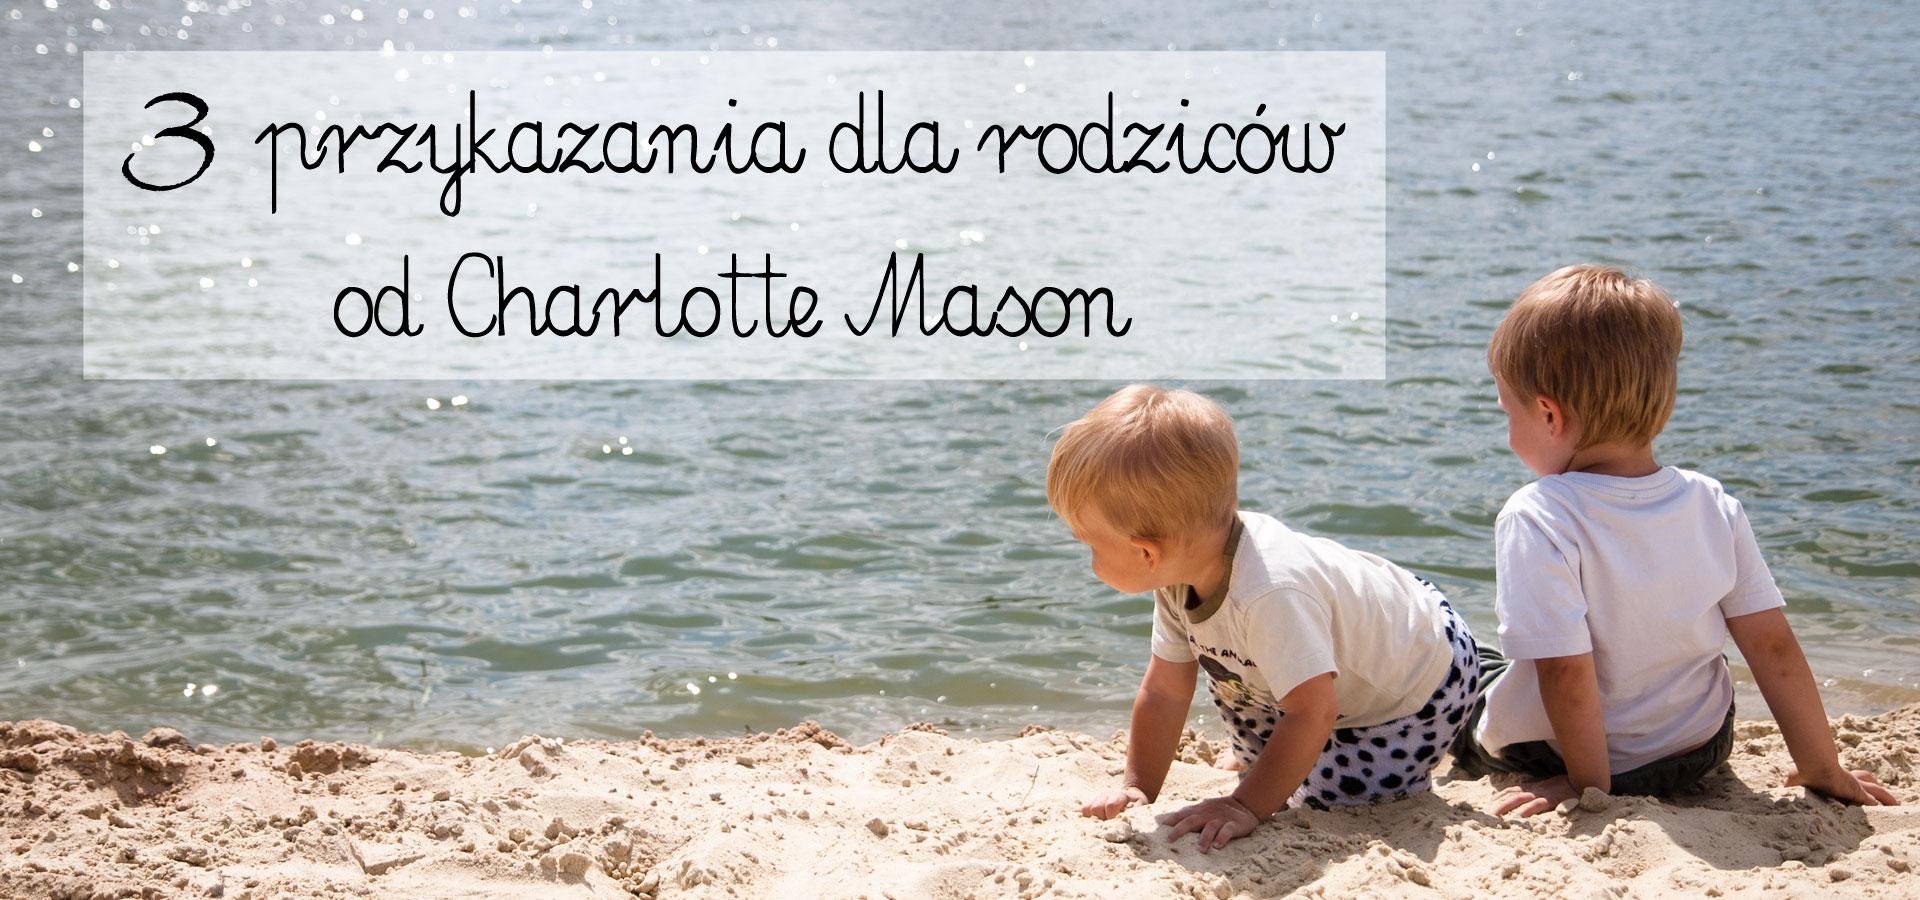 charlotte mason, przykzania dla rodziców